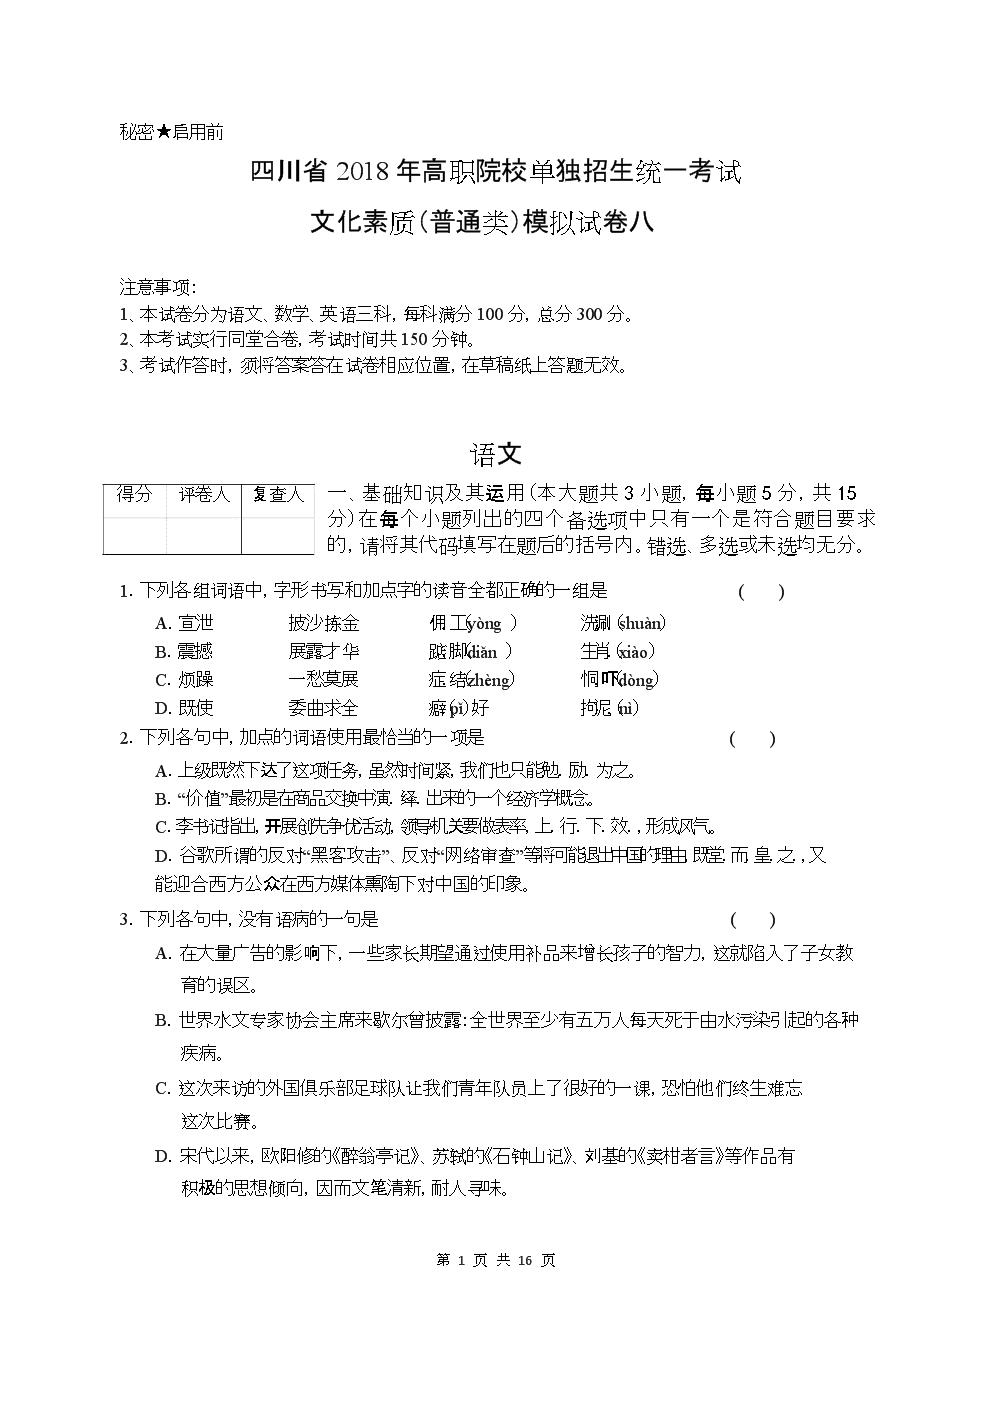 2018年四川省高职院校单独招生统一考试.doc